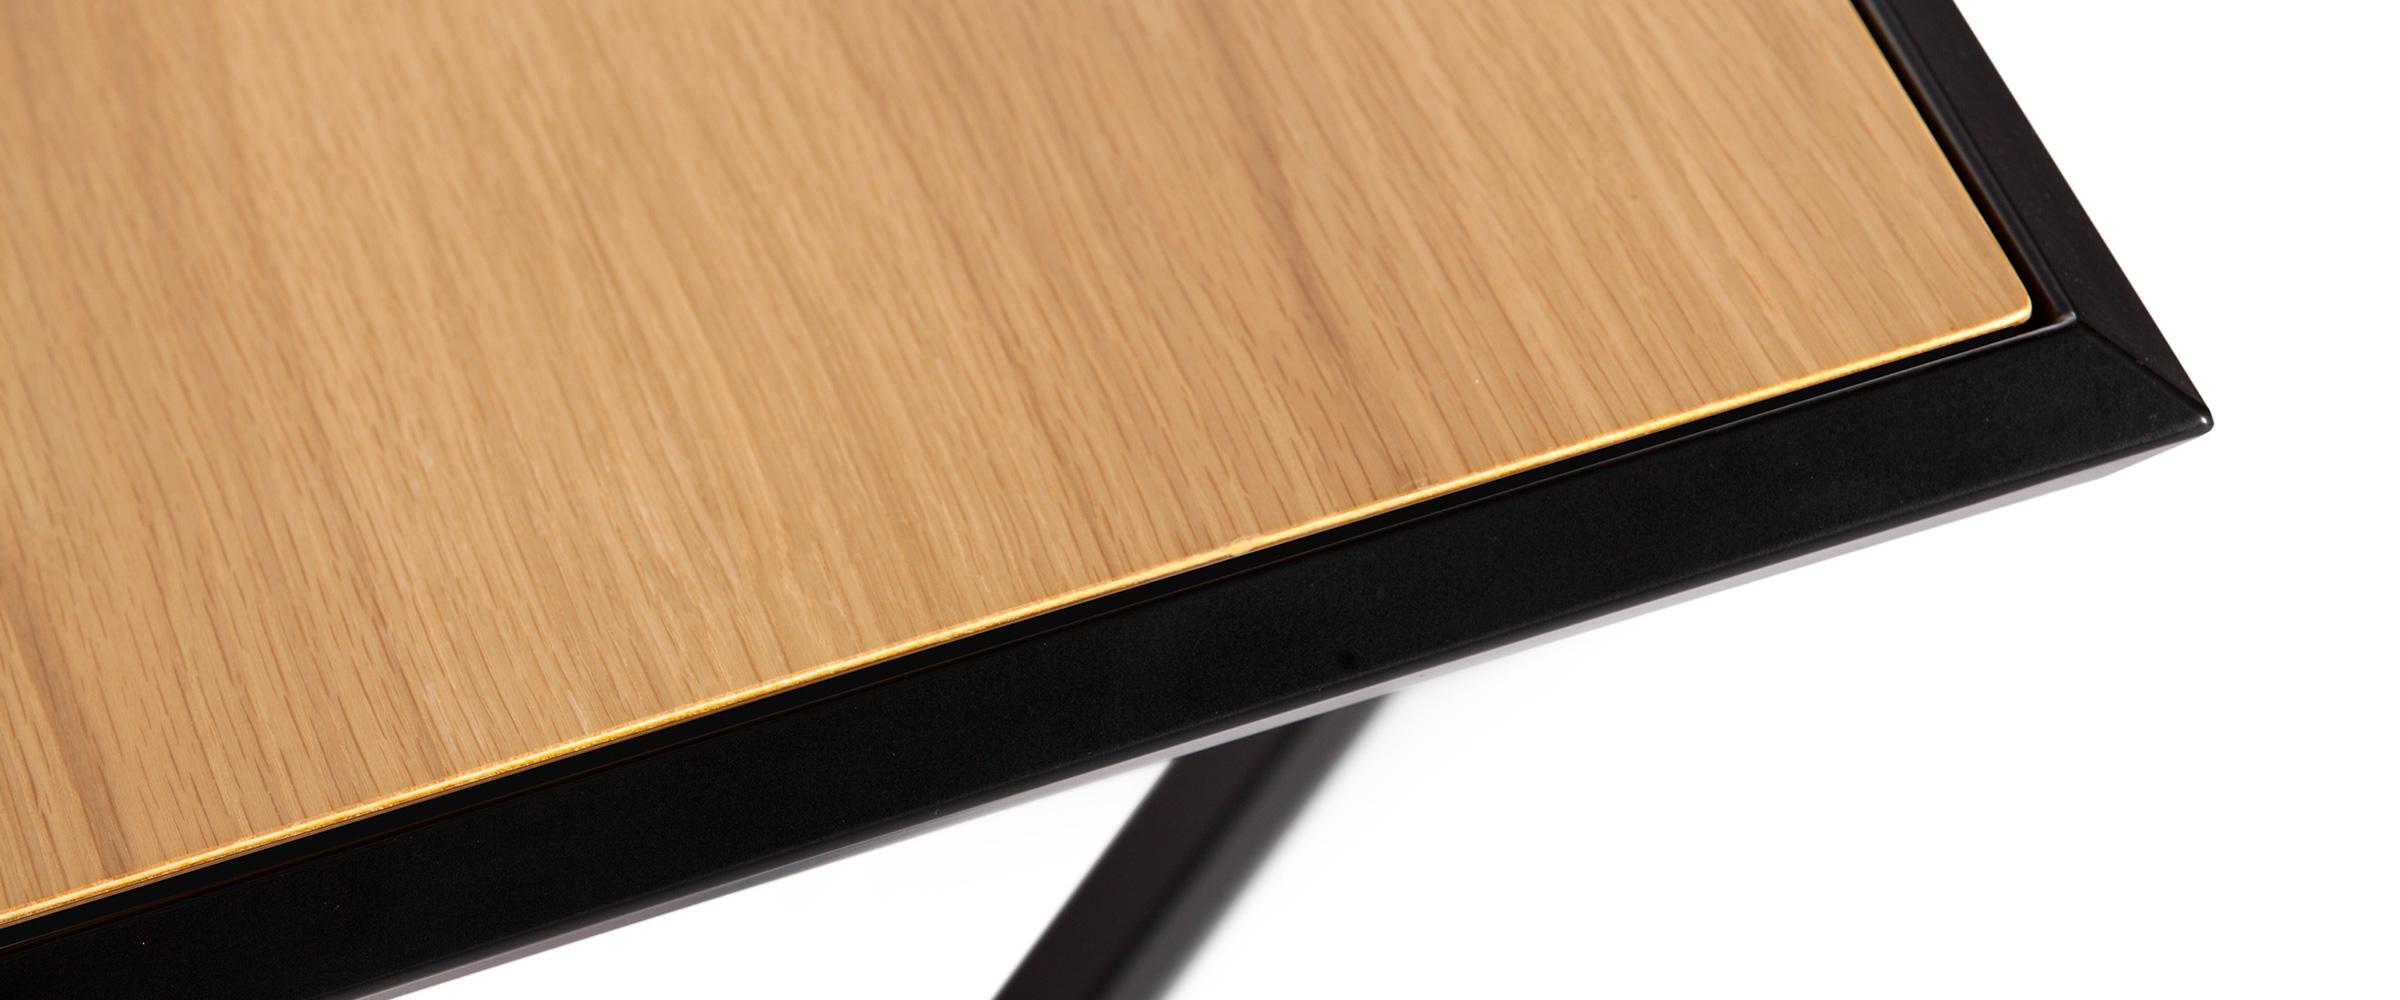 Turn-Table-Black-Detail-2.jpg